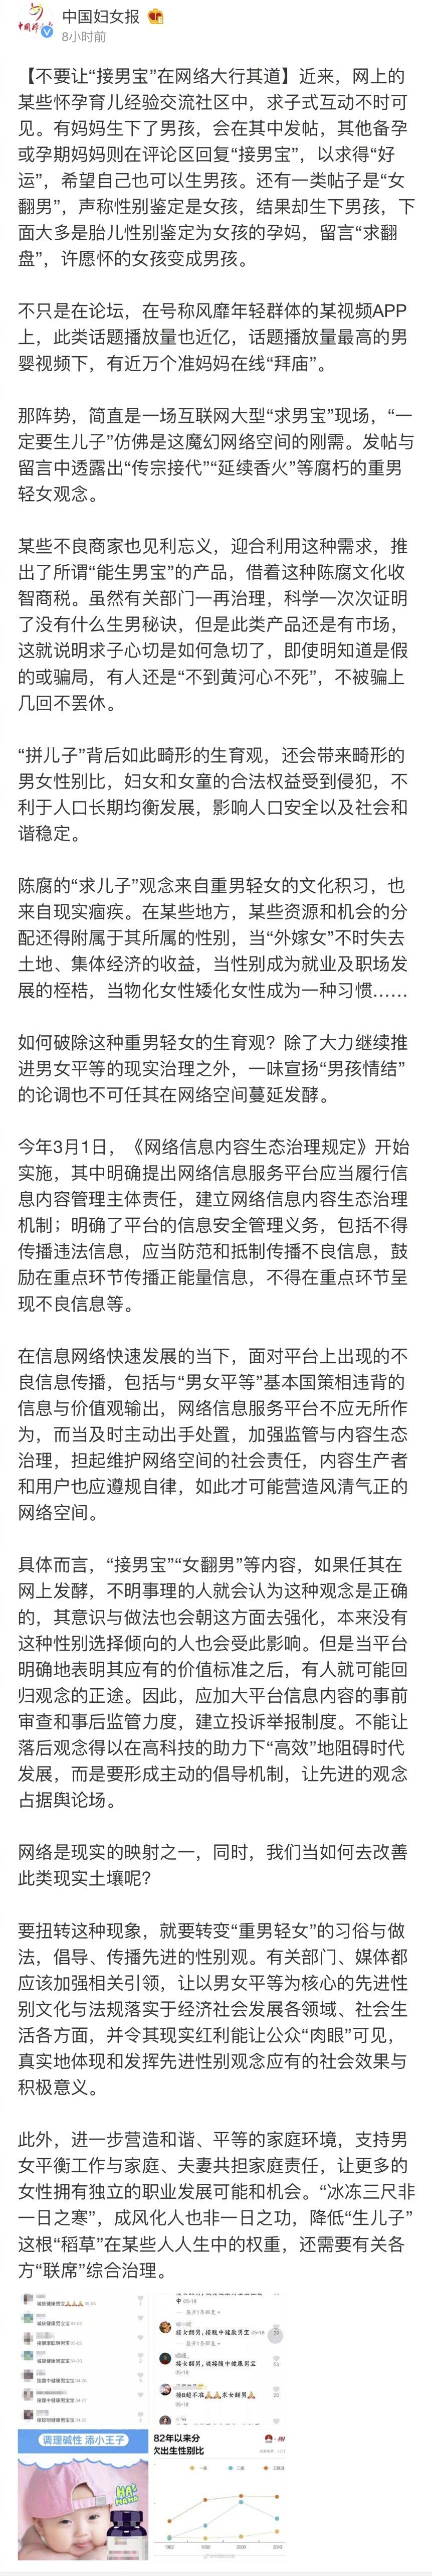 """中国妇女报:不要让""""接男宝""""在网络大行其道"""